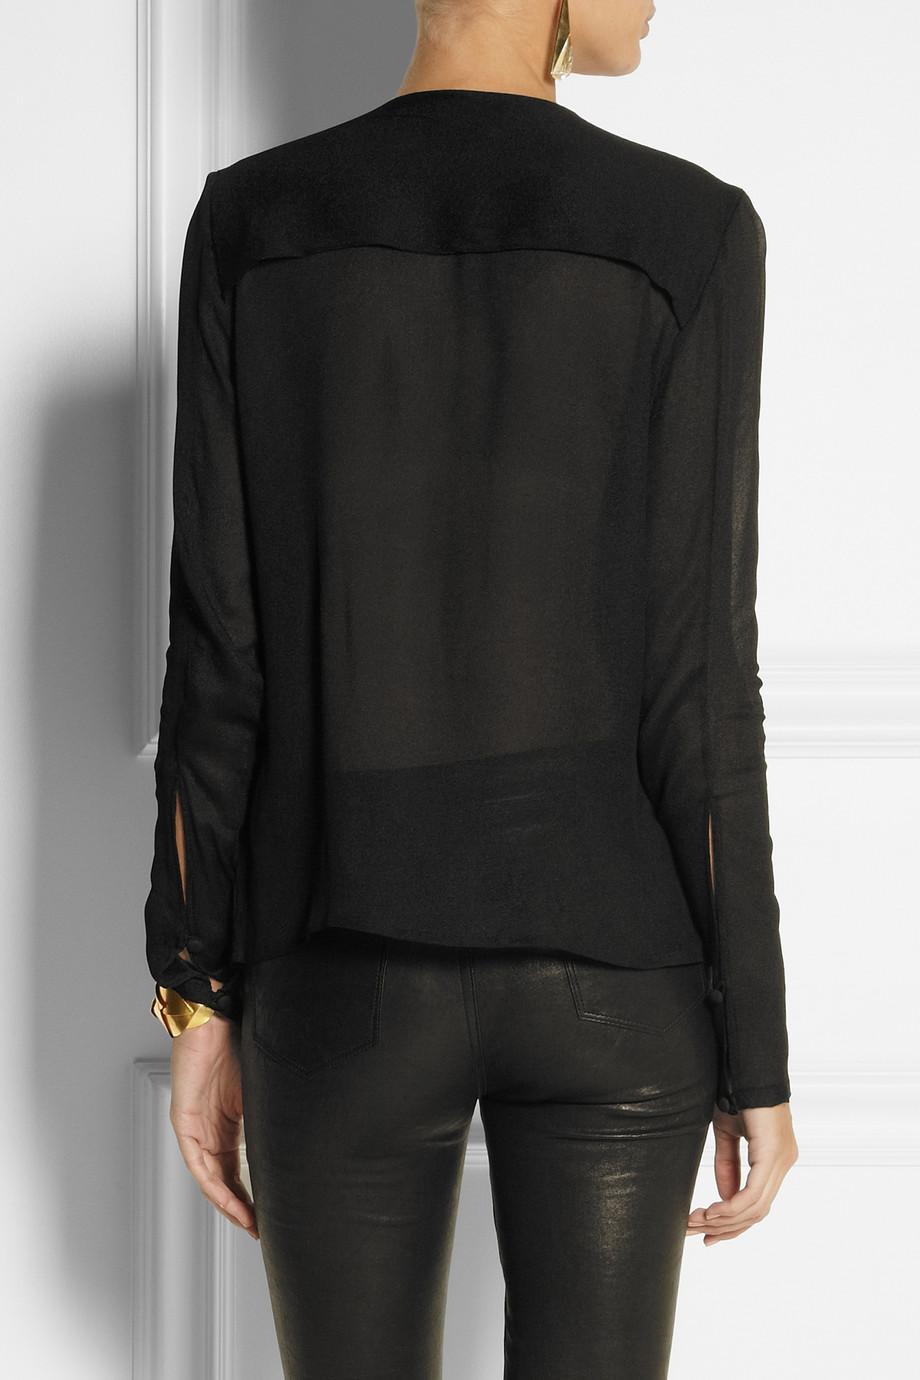 lyst day birger et mikkelsen sequin embellished crepe top in black. Black Bedroom Furniture Sets. Home Design Ideas